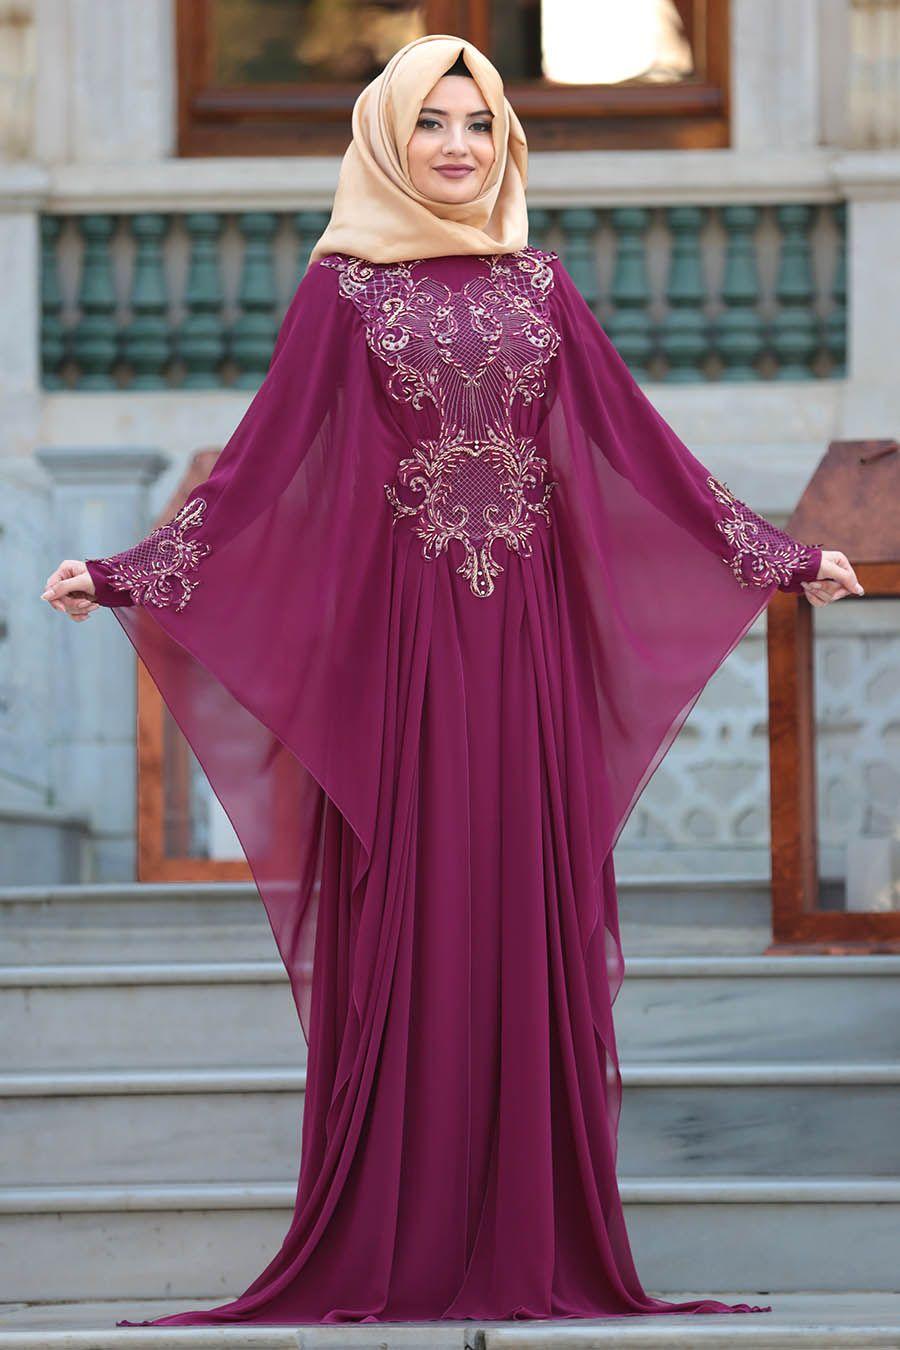 6cc592a297520 2018 Yeni Sezon Özel Tasarım Abiye - Tesettürlü Abiye Elbise - Boncuk  Detaylı Mürdüm Tesettür Abiye Elbise 105MU